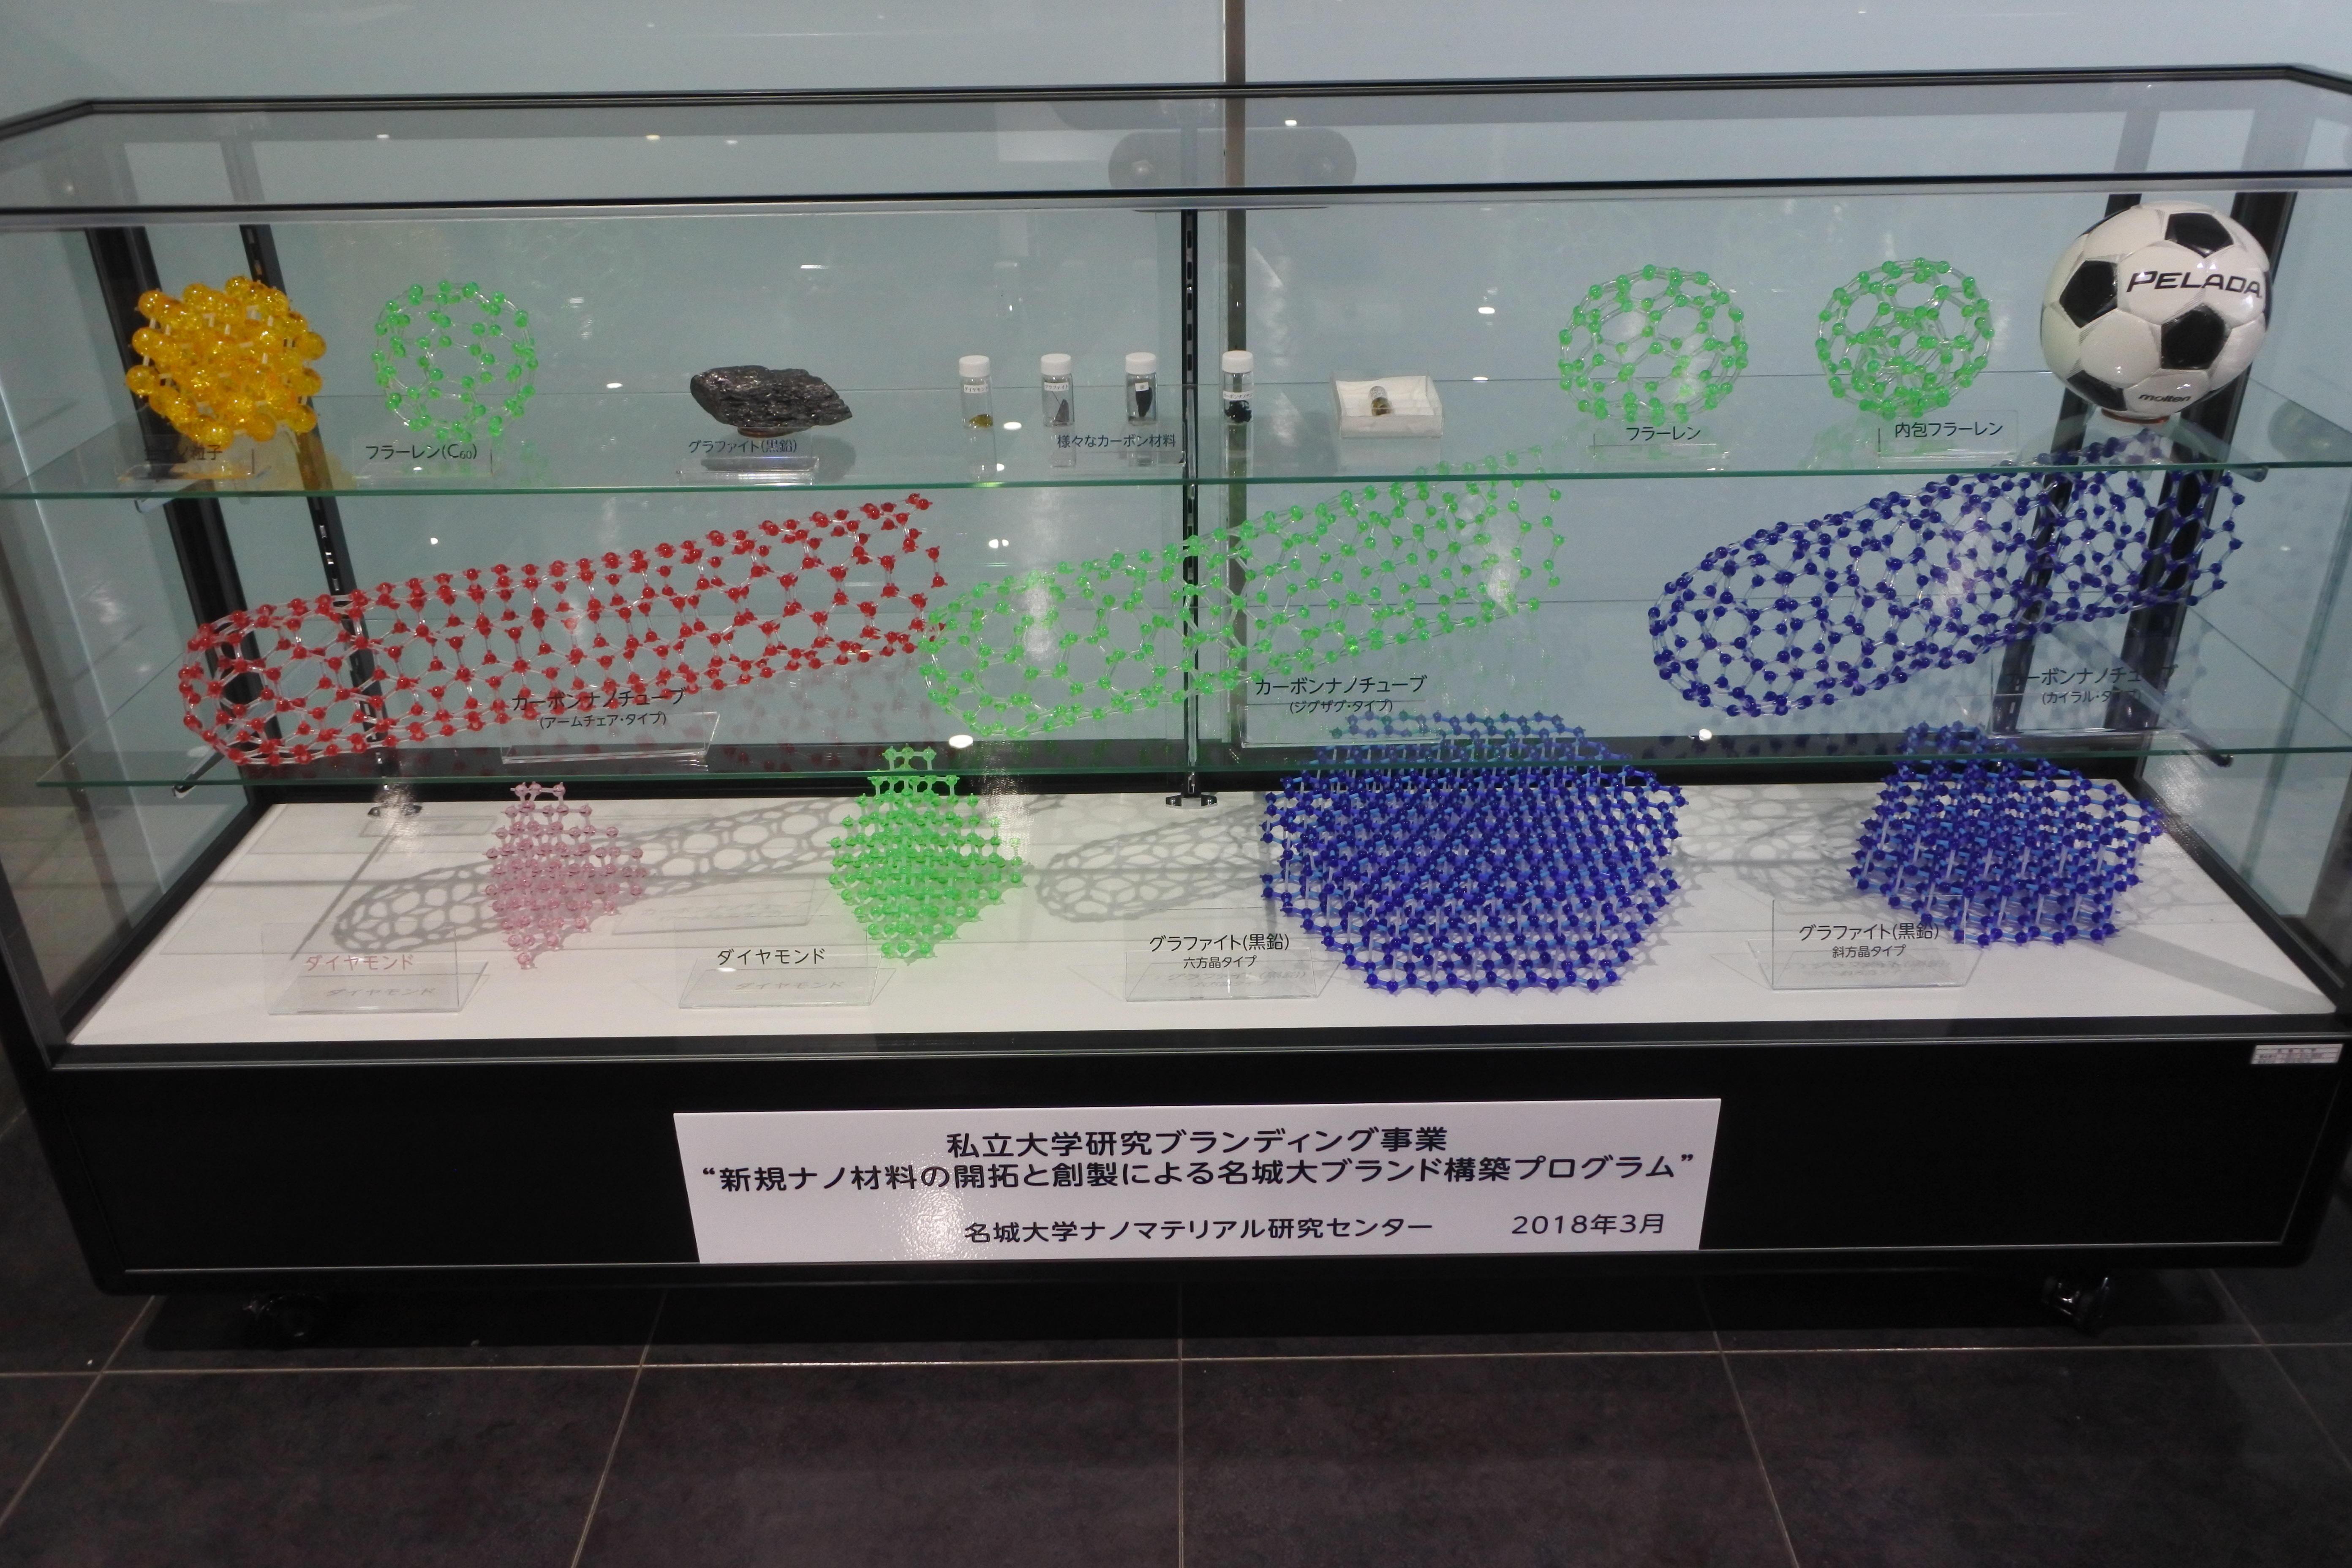 展示されたさまざまなカーボン材料(上段中央)。黒い石がグラファイト